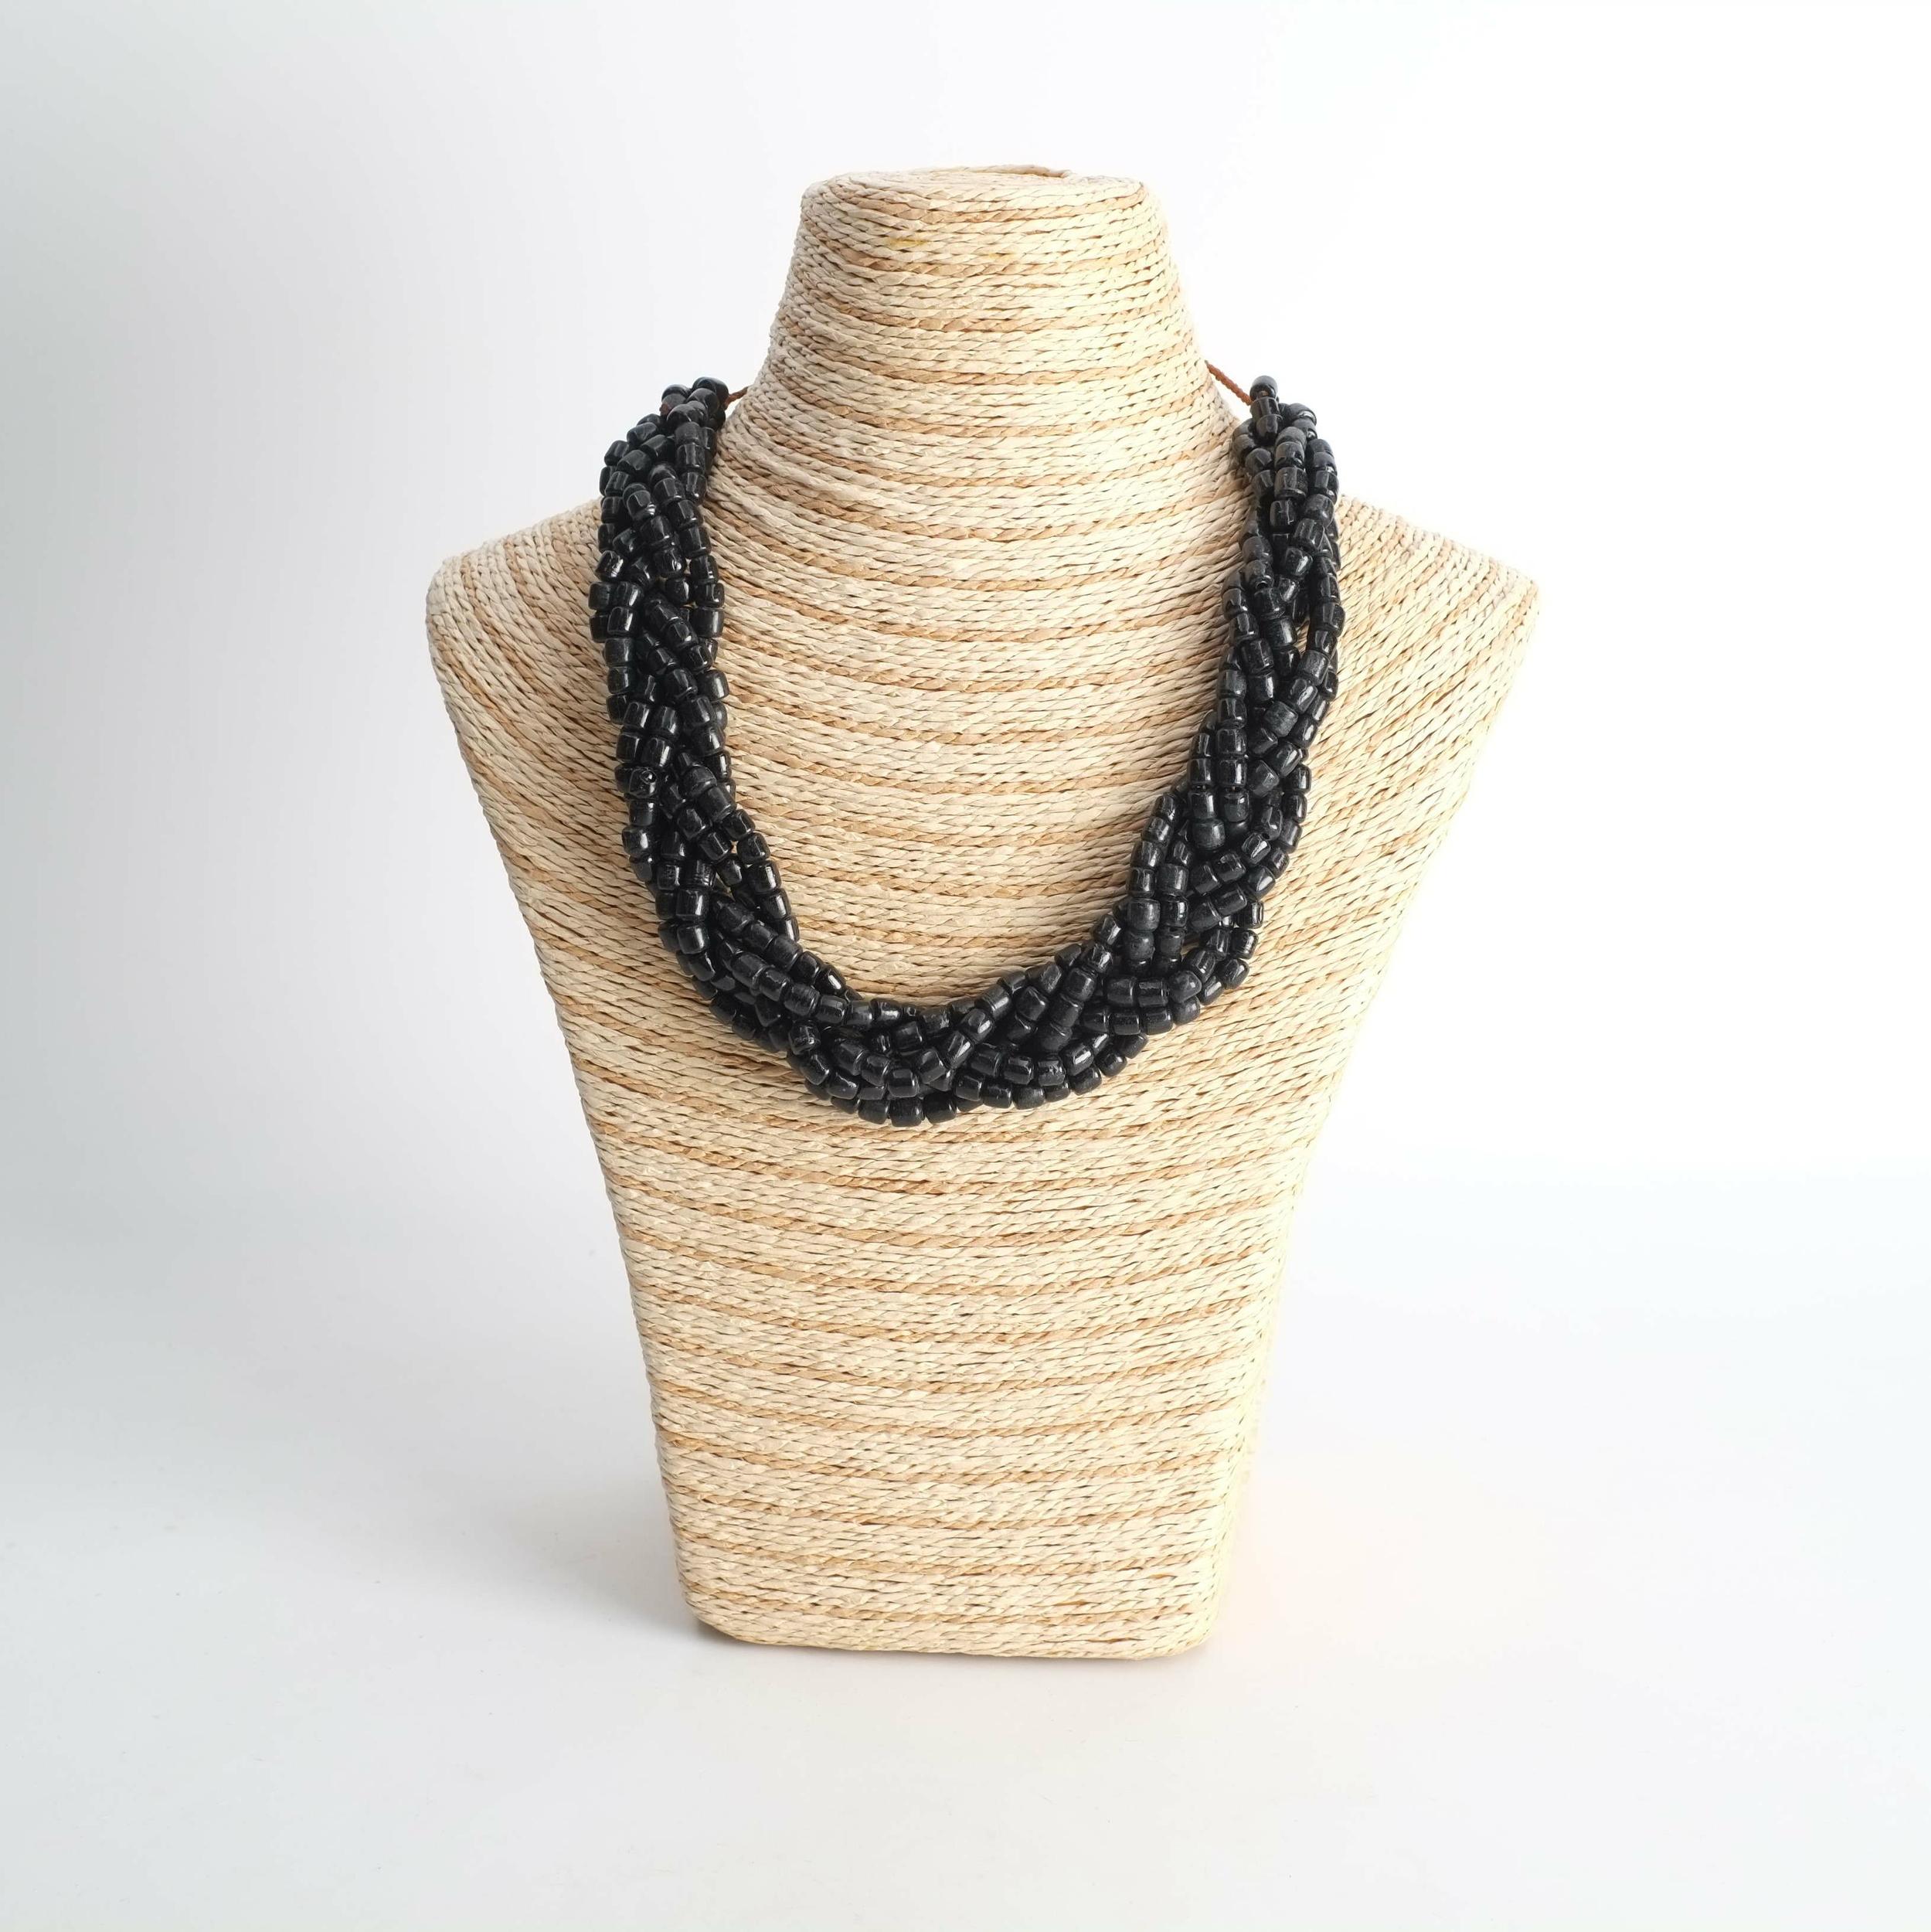 Collier en perle de verre noire du Sénégal